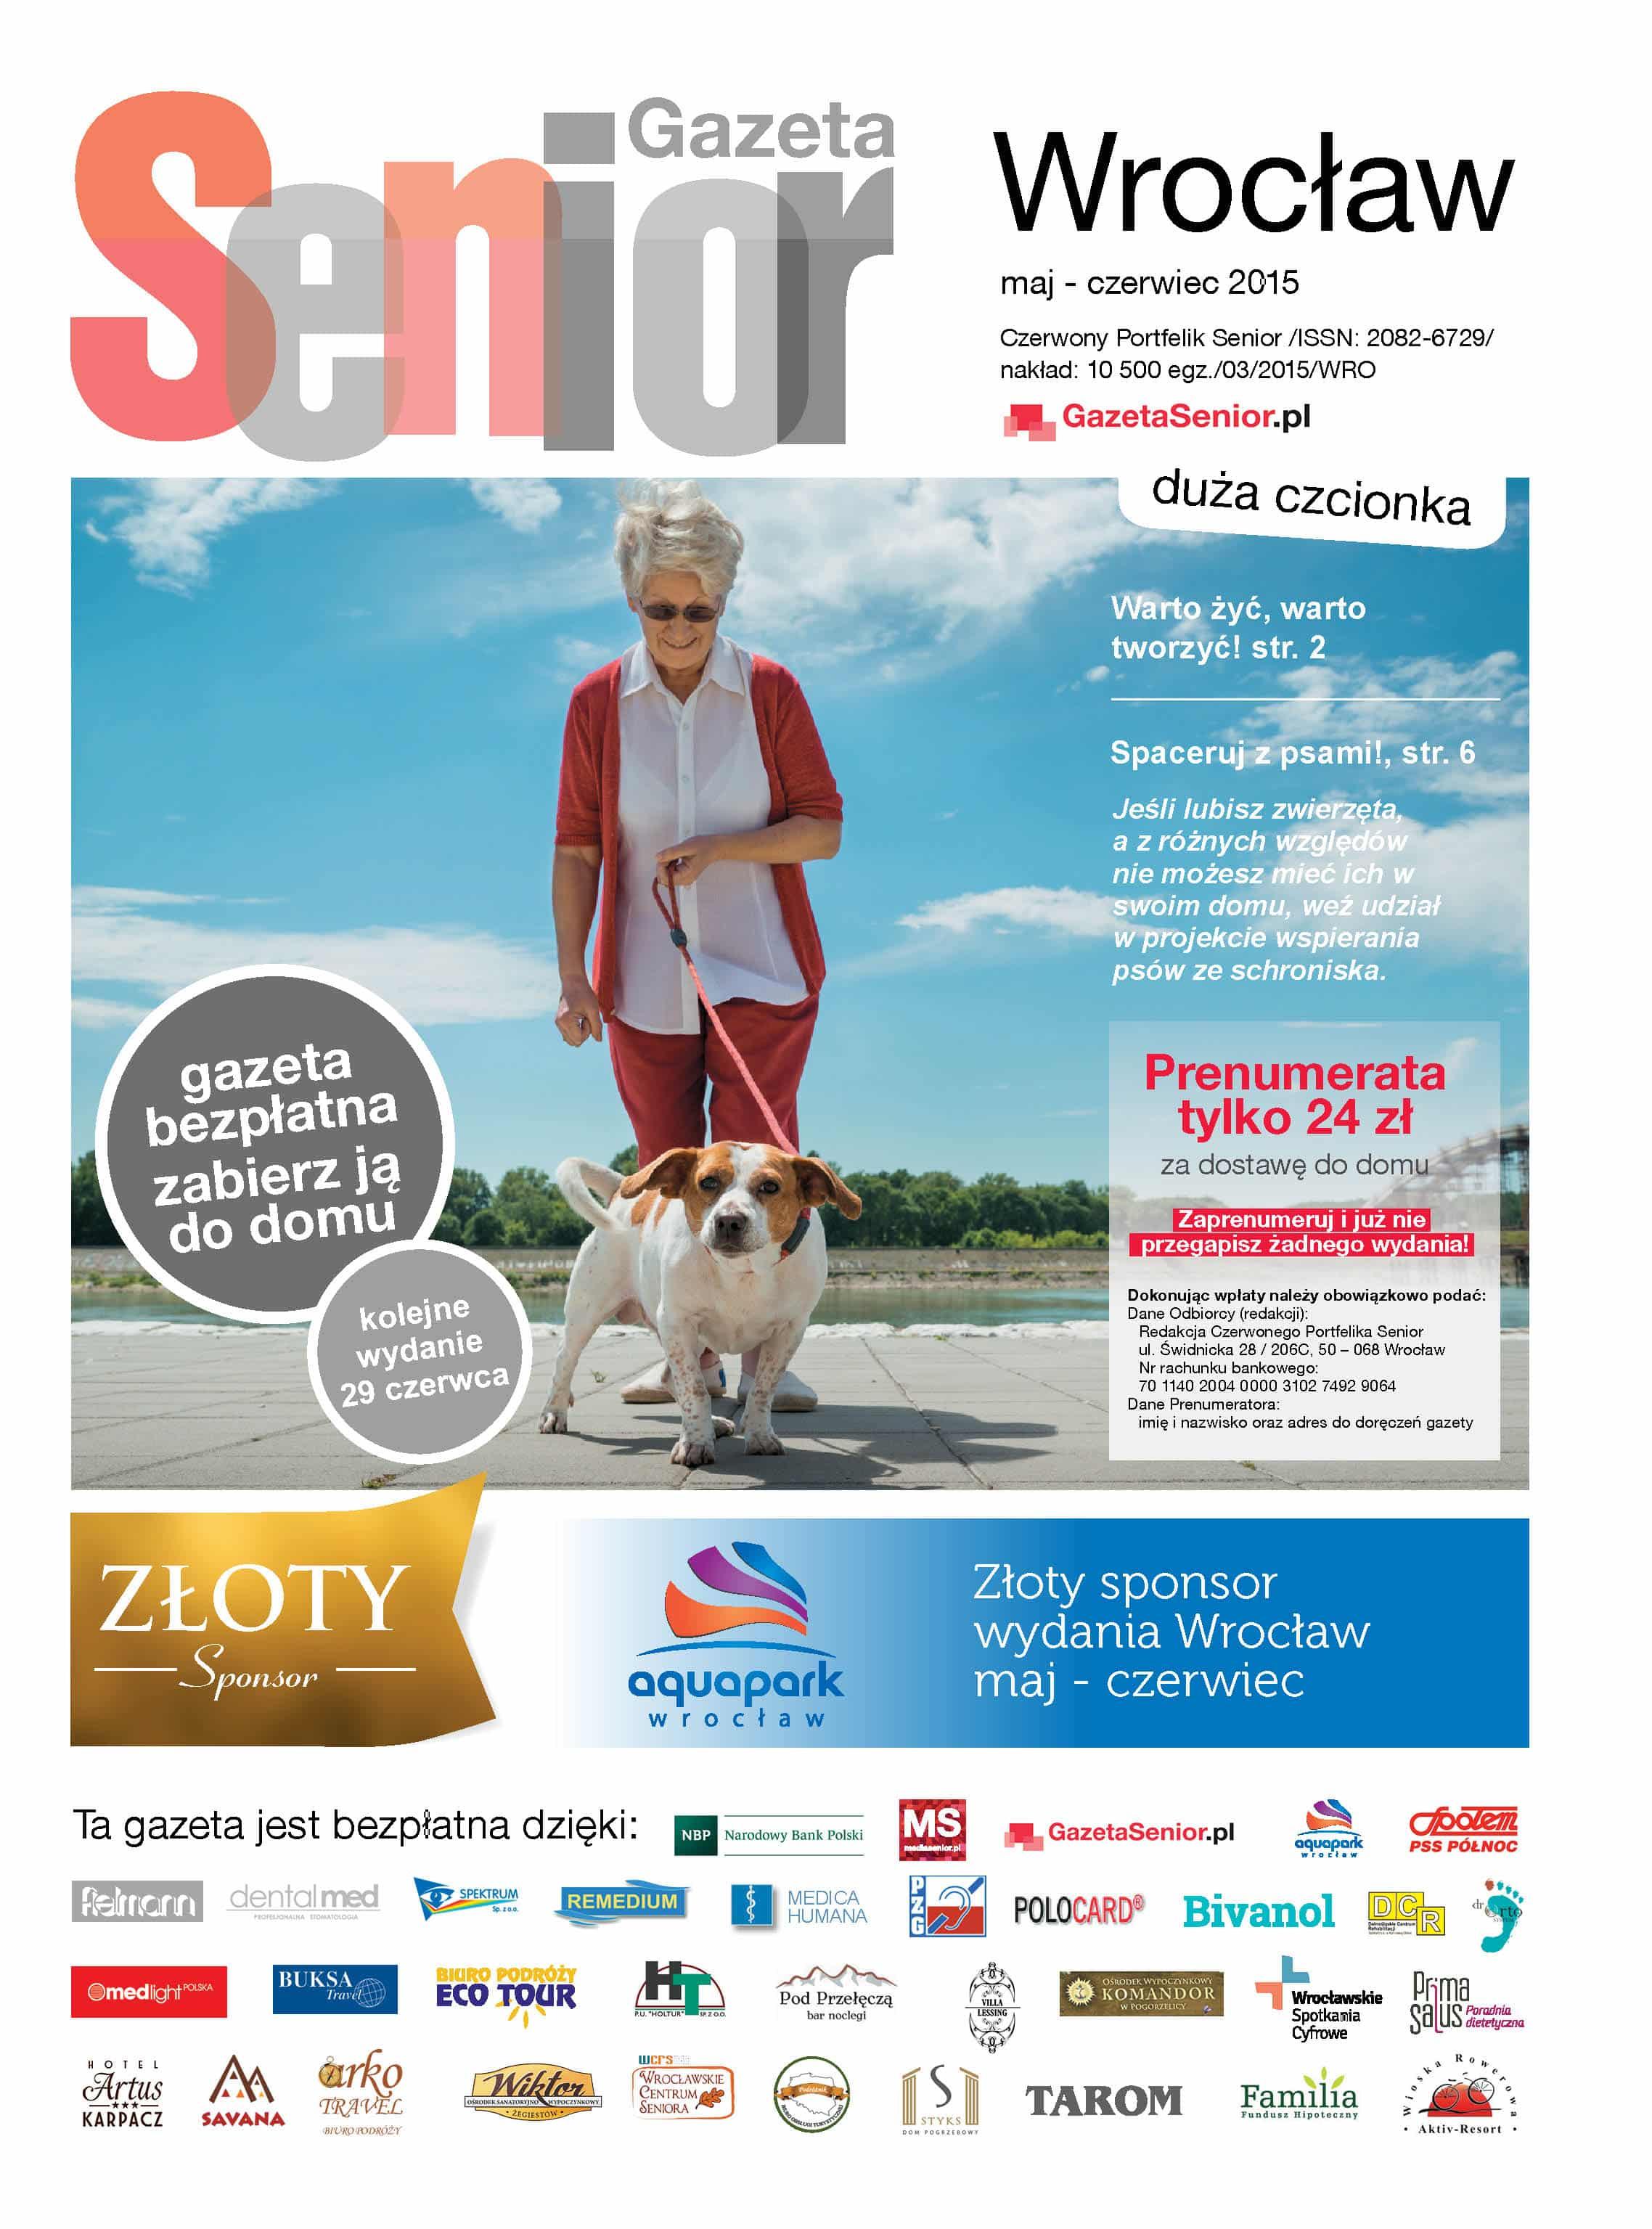 Gazeta Senior, Wrocław i Dolny Śląsk, maj - czerwiec 2015